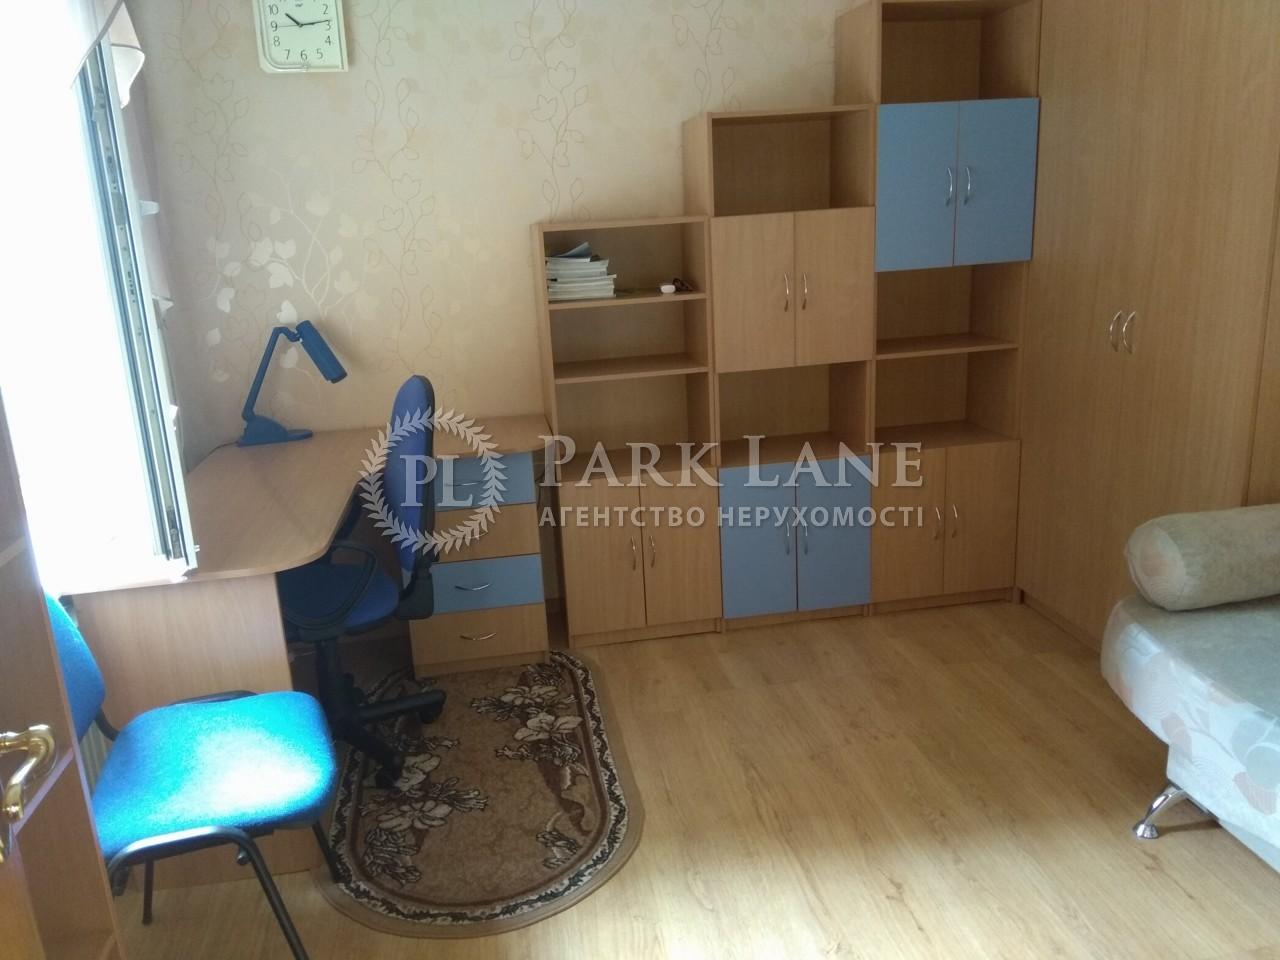 Квартира ул. Приречная, 31, Киев, L-24555 - Фото 9